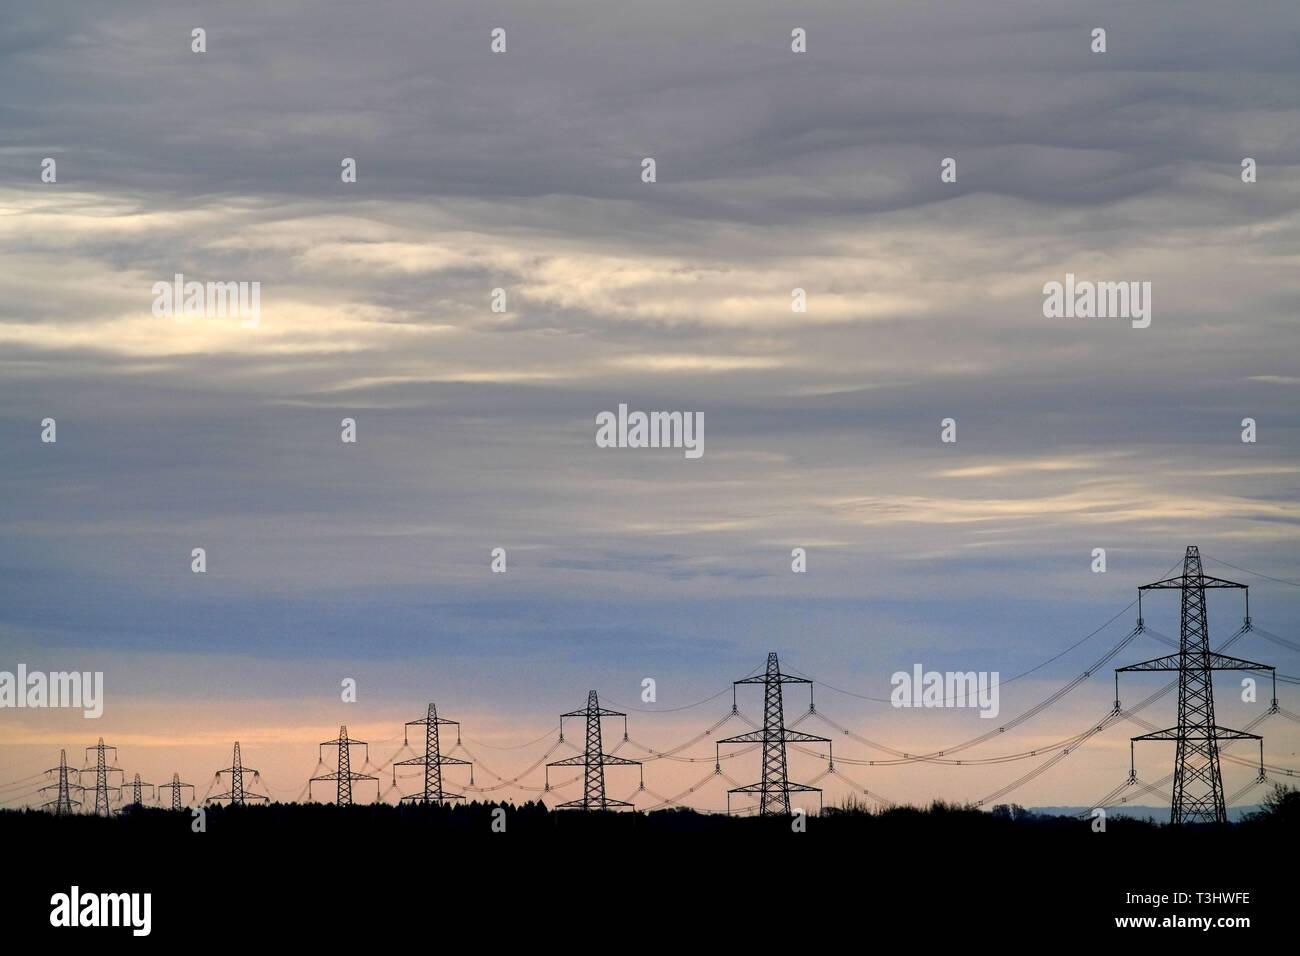 Les lignes d'alimentation / pylônes sous un ciel orageux Photo Stock